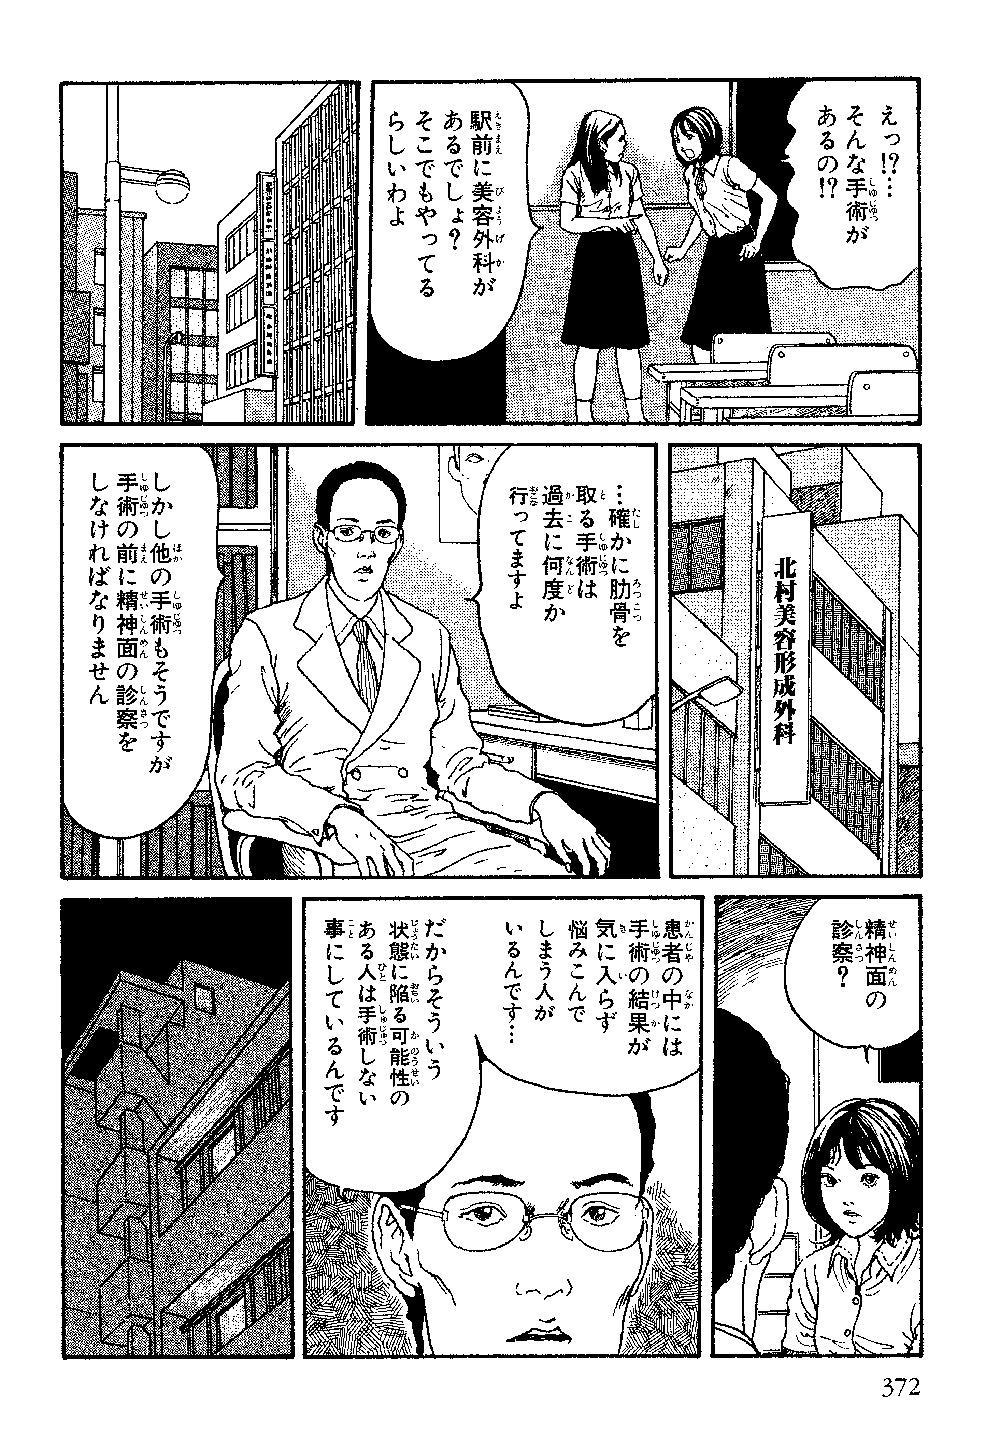 itouj_0004_0374.jpg